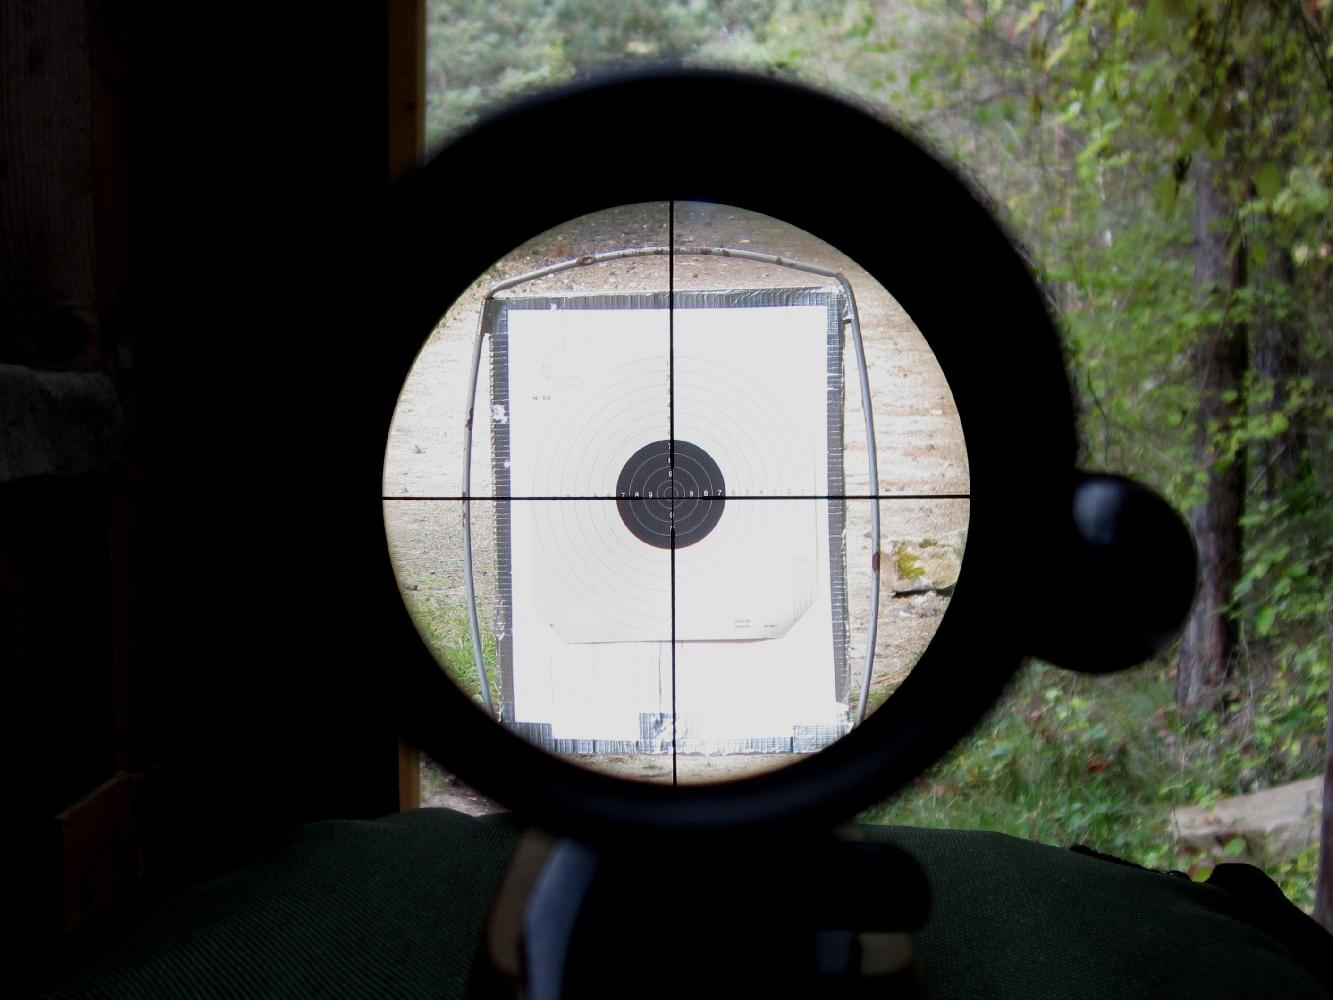 La distance d'observation optimale, ou distance oculaire, est facile à déterminer du fait qu'elle permet d'observer dans la lunette l'intégralité de l'image.